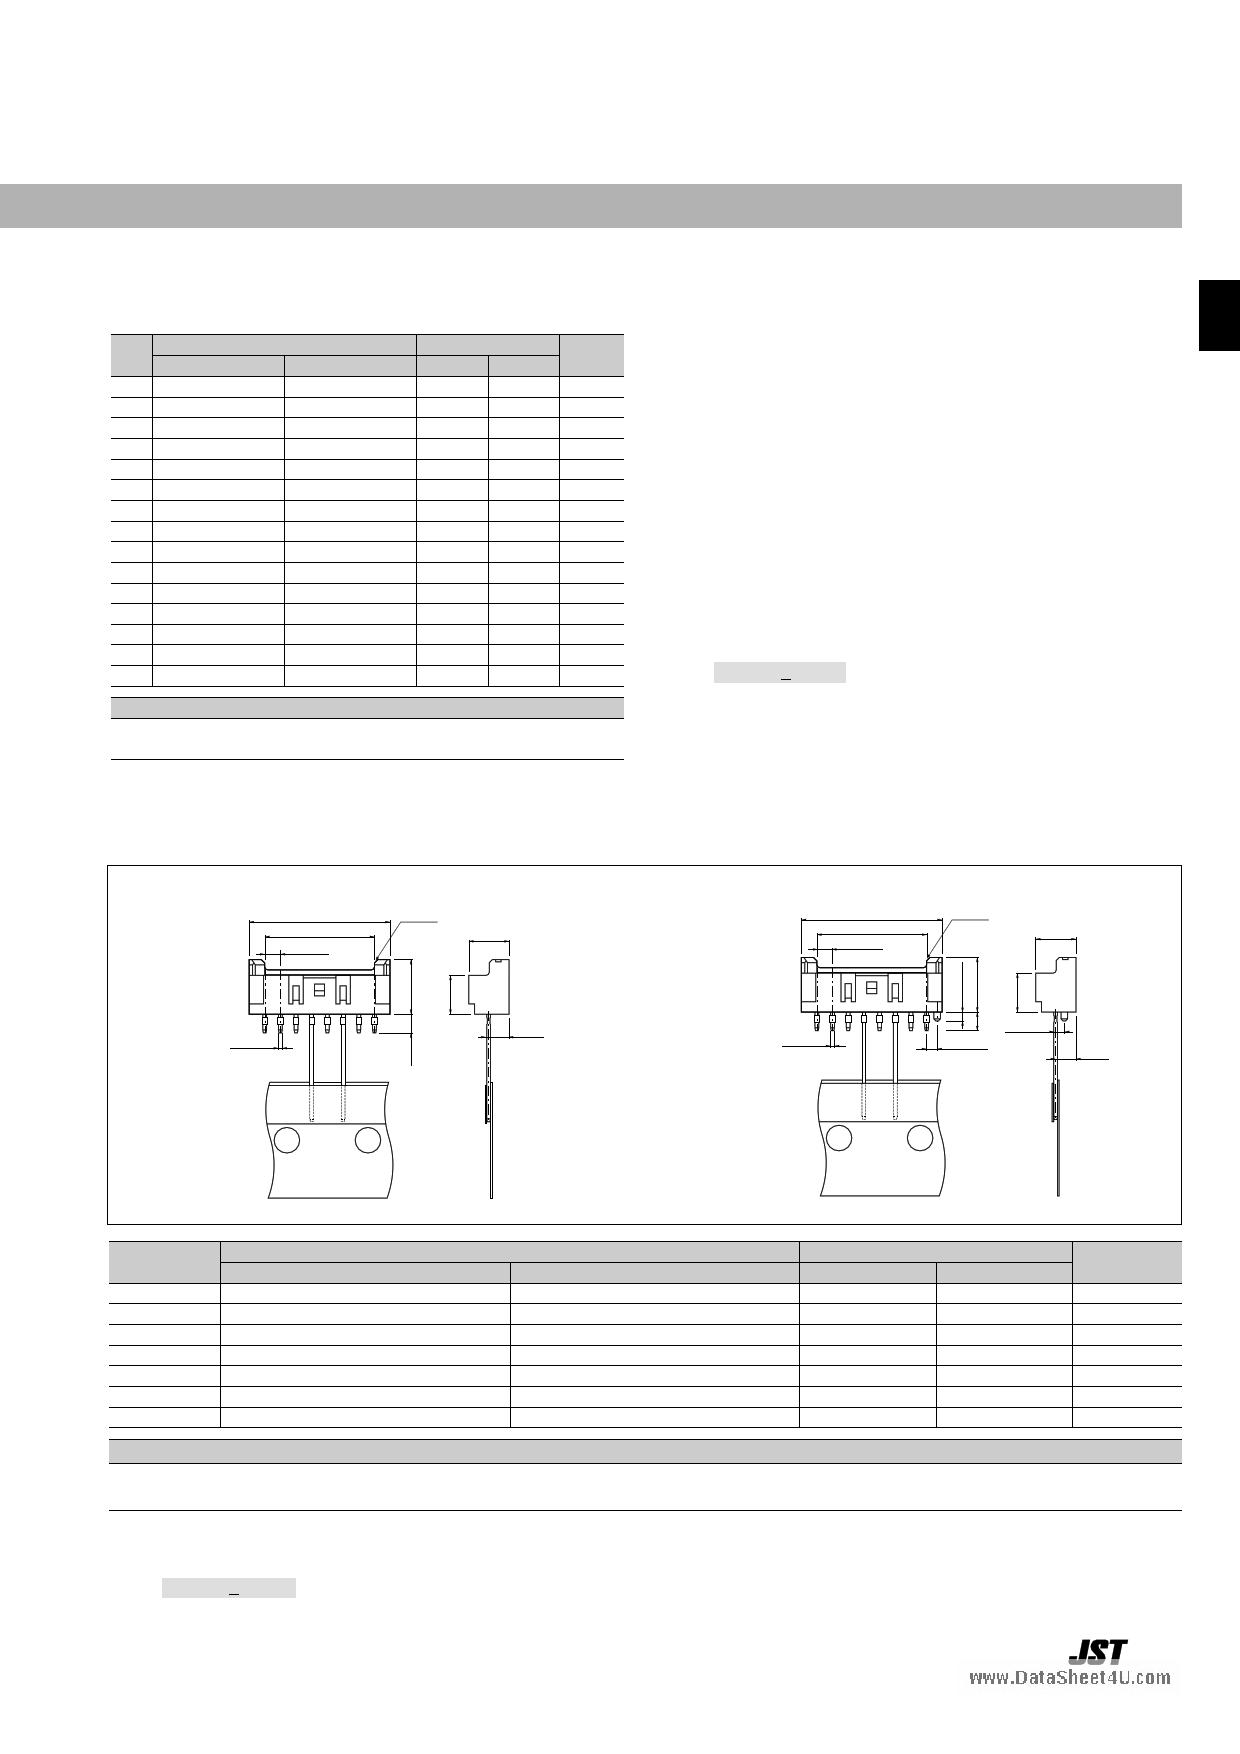 B-03B-XASK-1N pdf